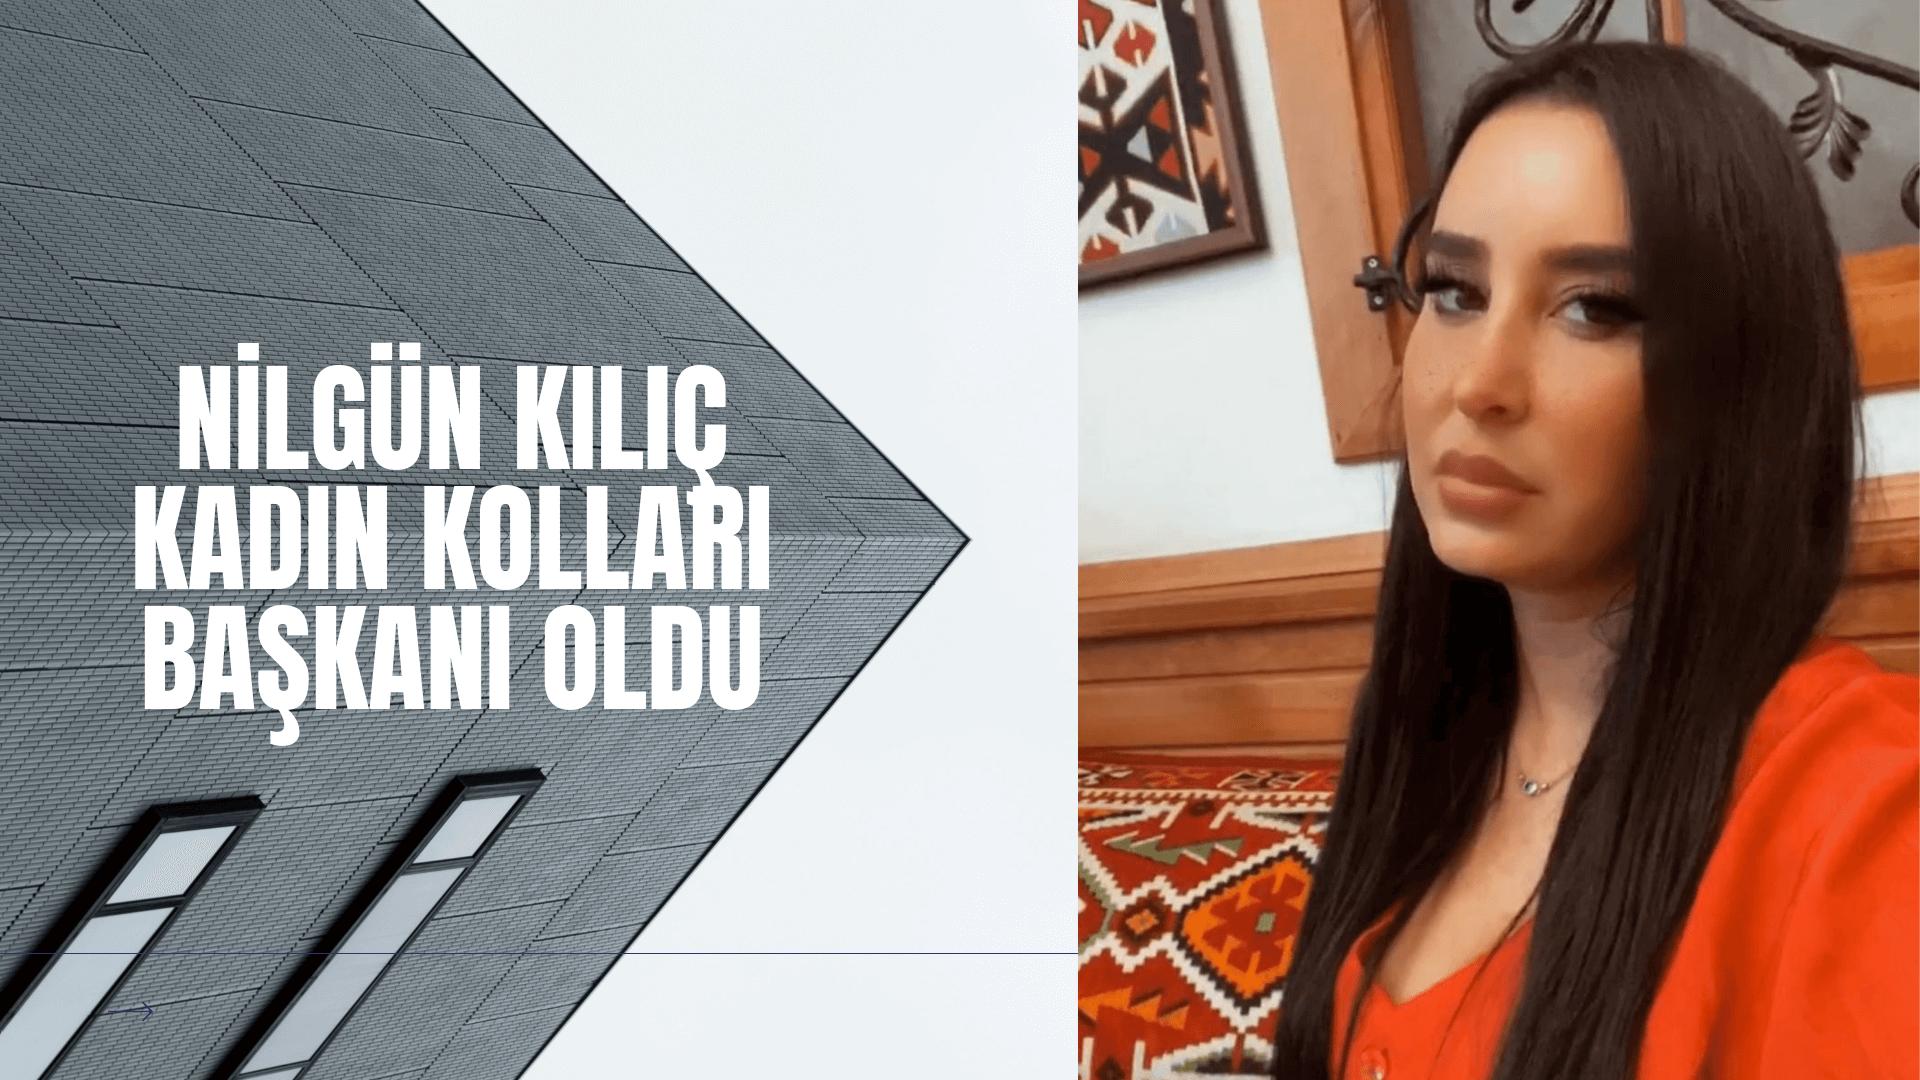 Kılıç Ankara Kadın Kolları Başkanı oldu